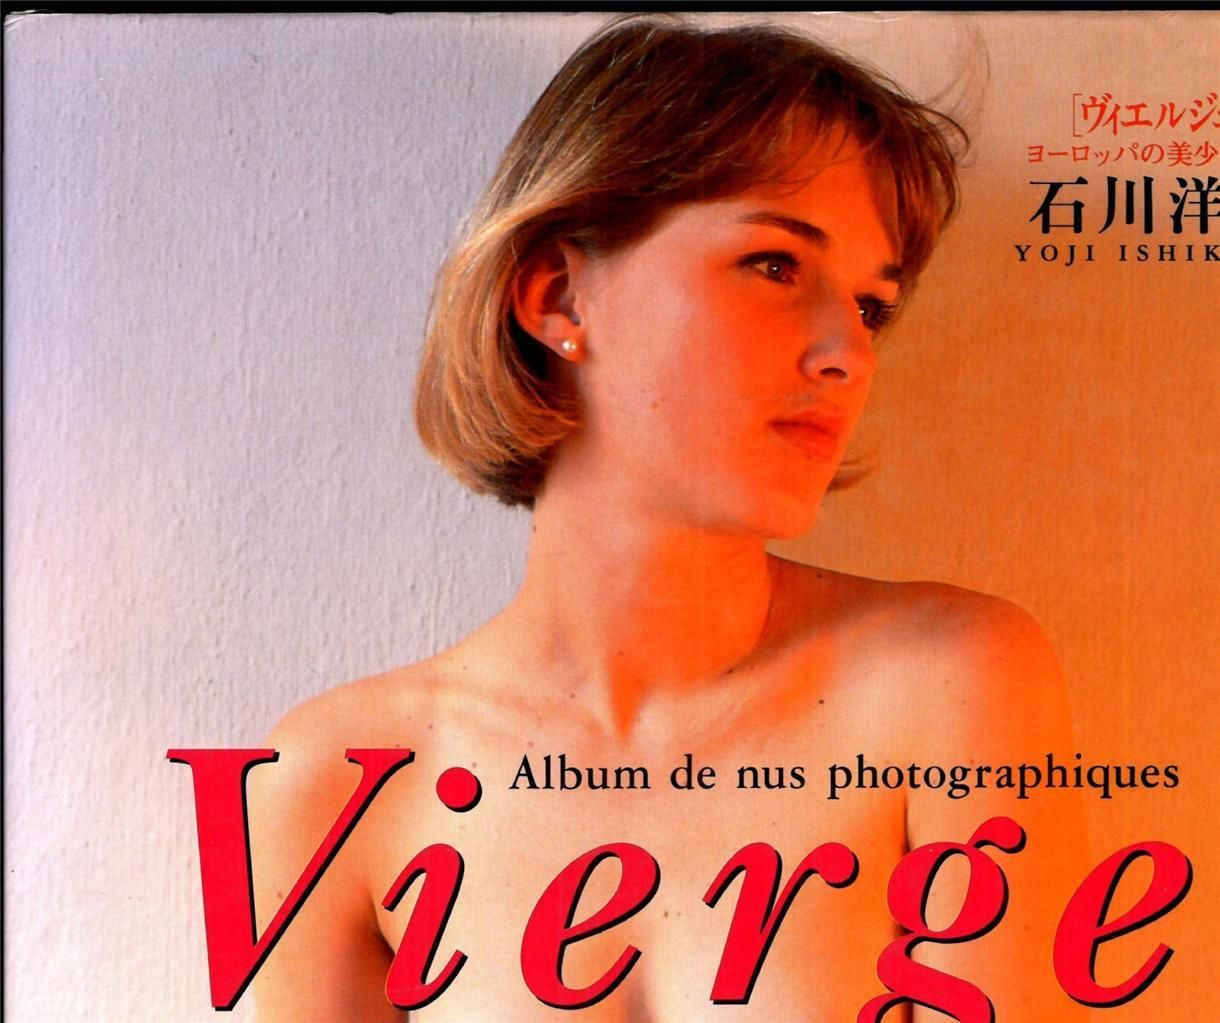 kiyooka sumiko nude Sumiko Kiyooka Nude Photography Book